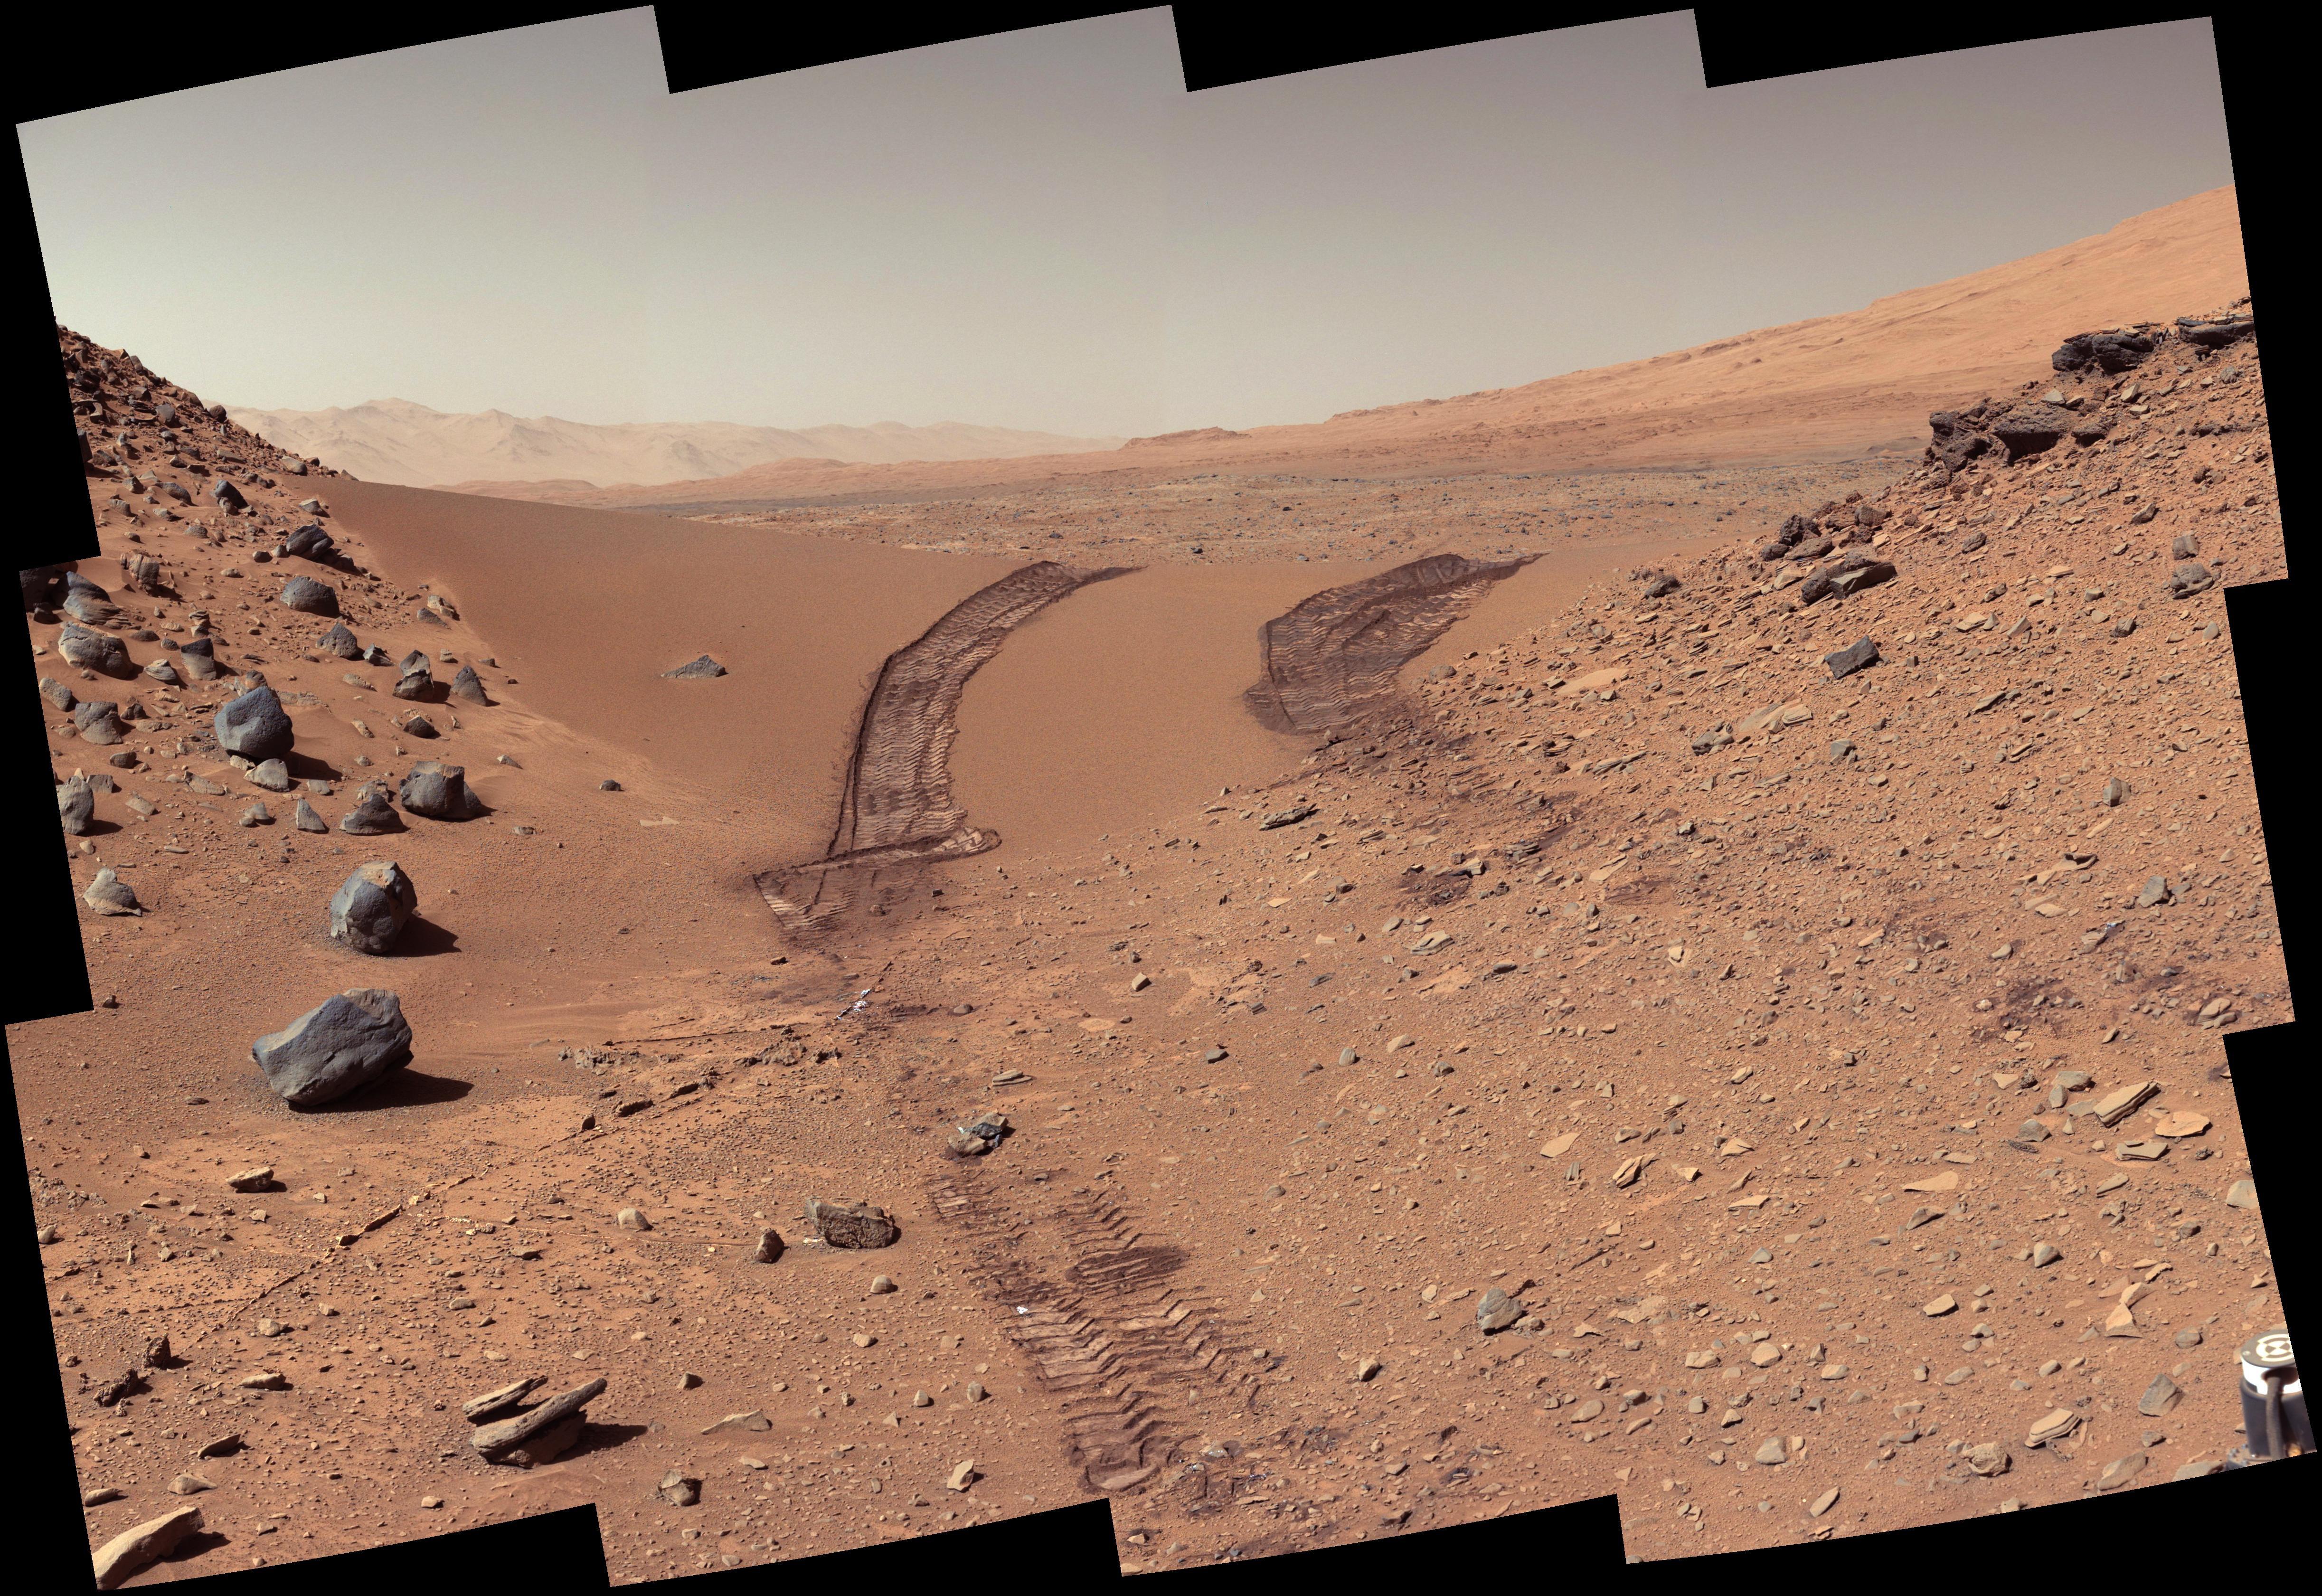 壁纸 火星 景观 红 轮胎轨道 好奇心4890x3361